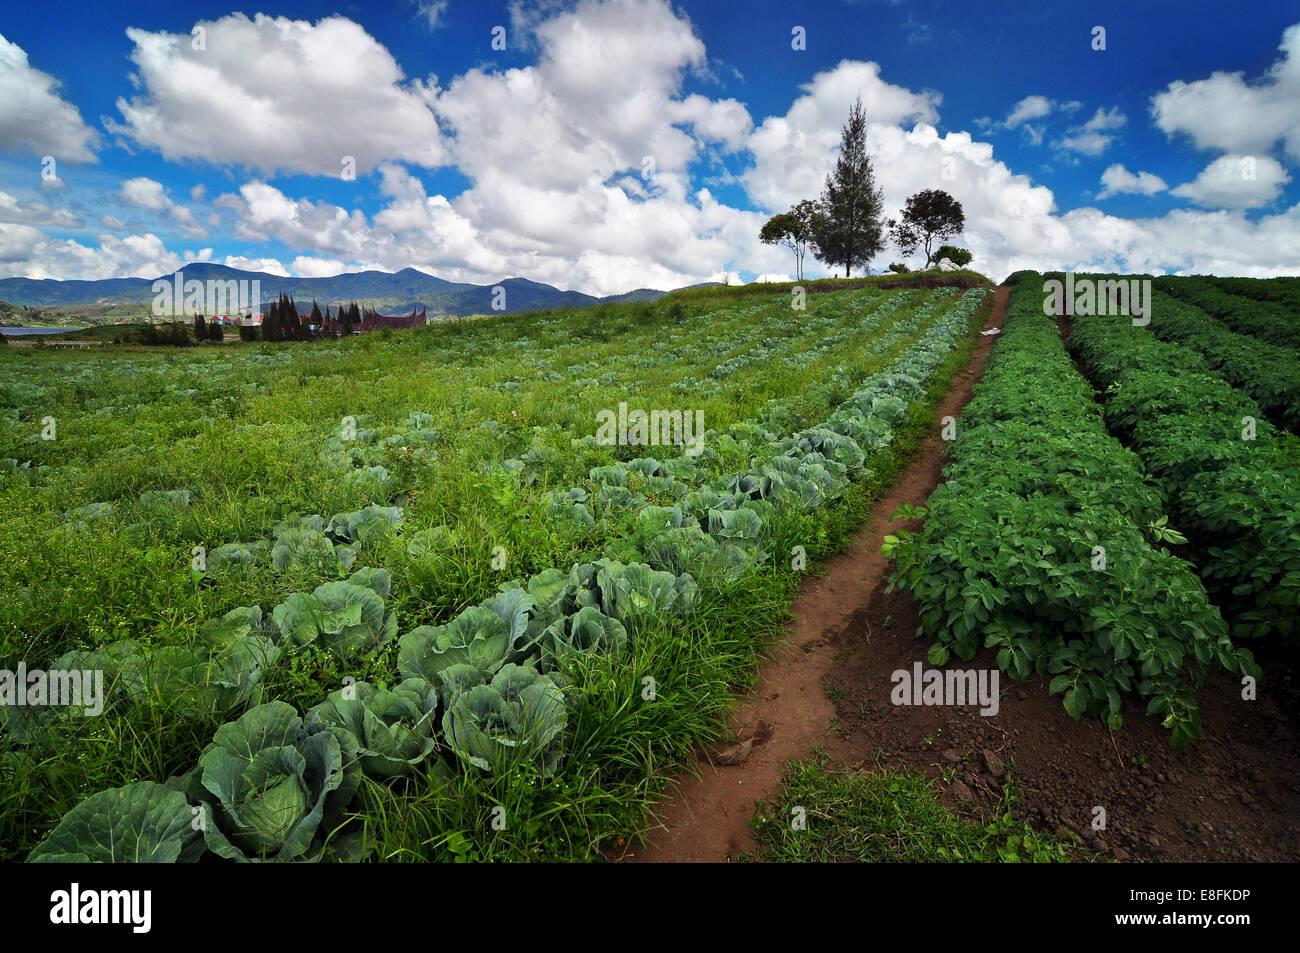 Indonesien, West-Sumatra, Nagari Timbulun, Alahan Panjang, Blick auf Feld Stockbild